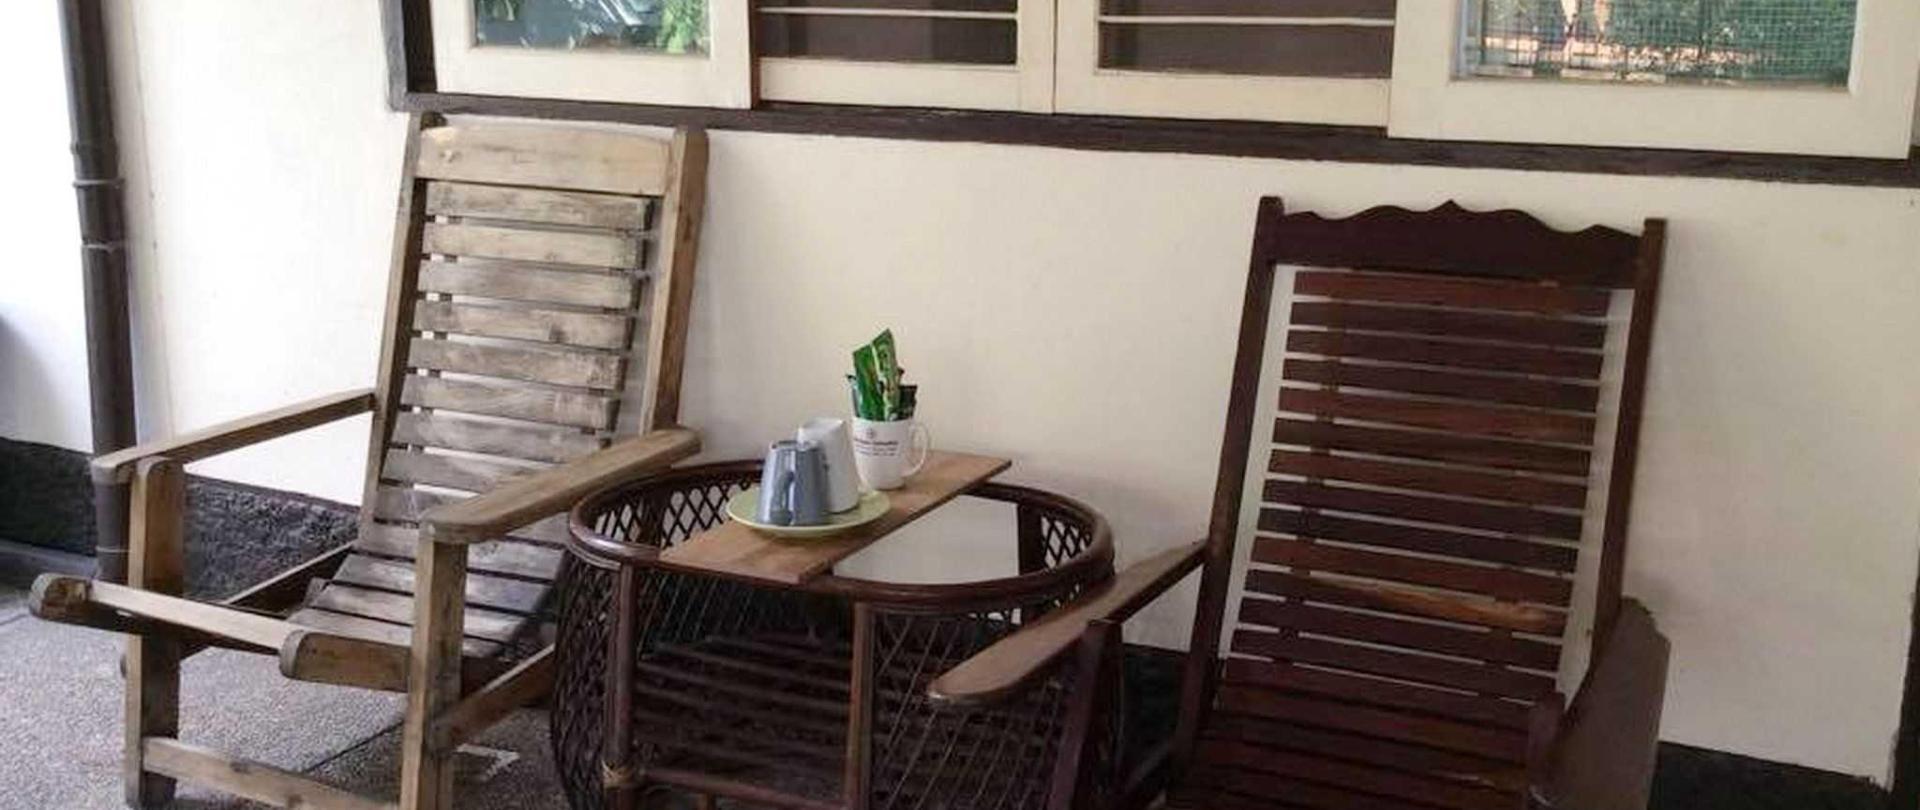 chair-garden4-vdo-re.jpg